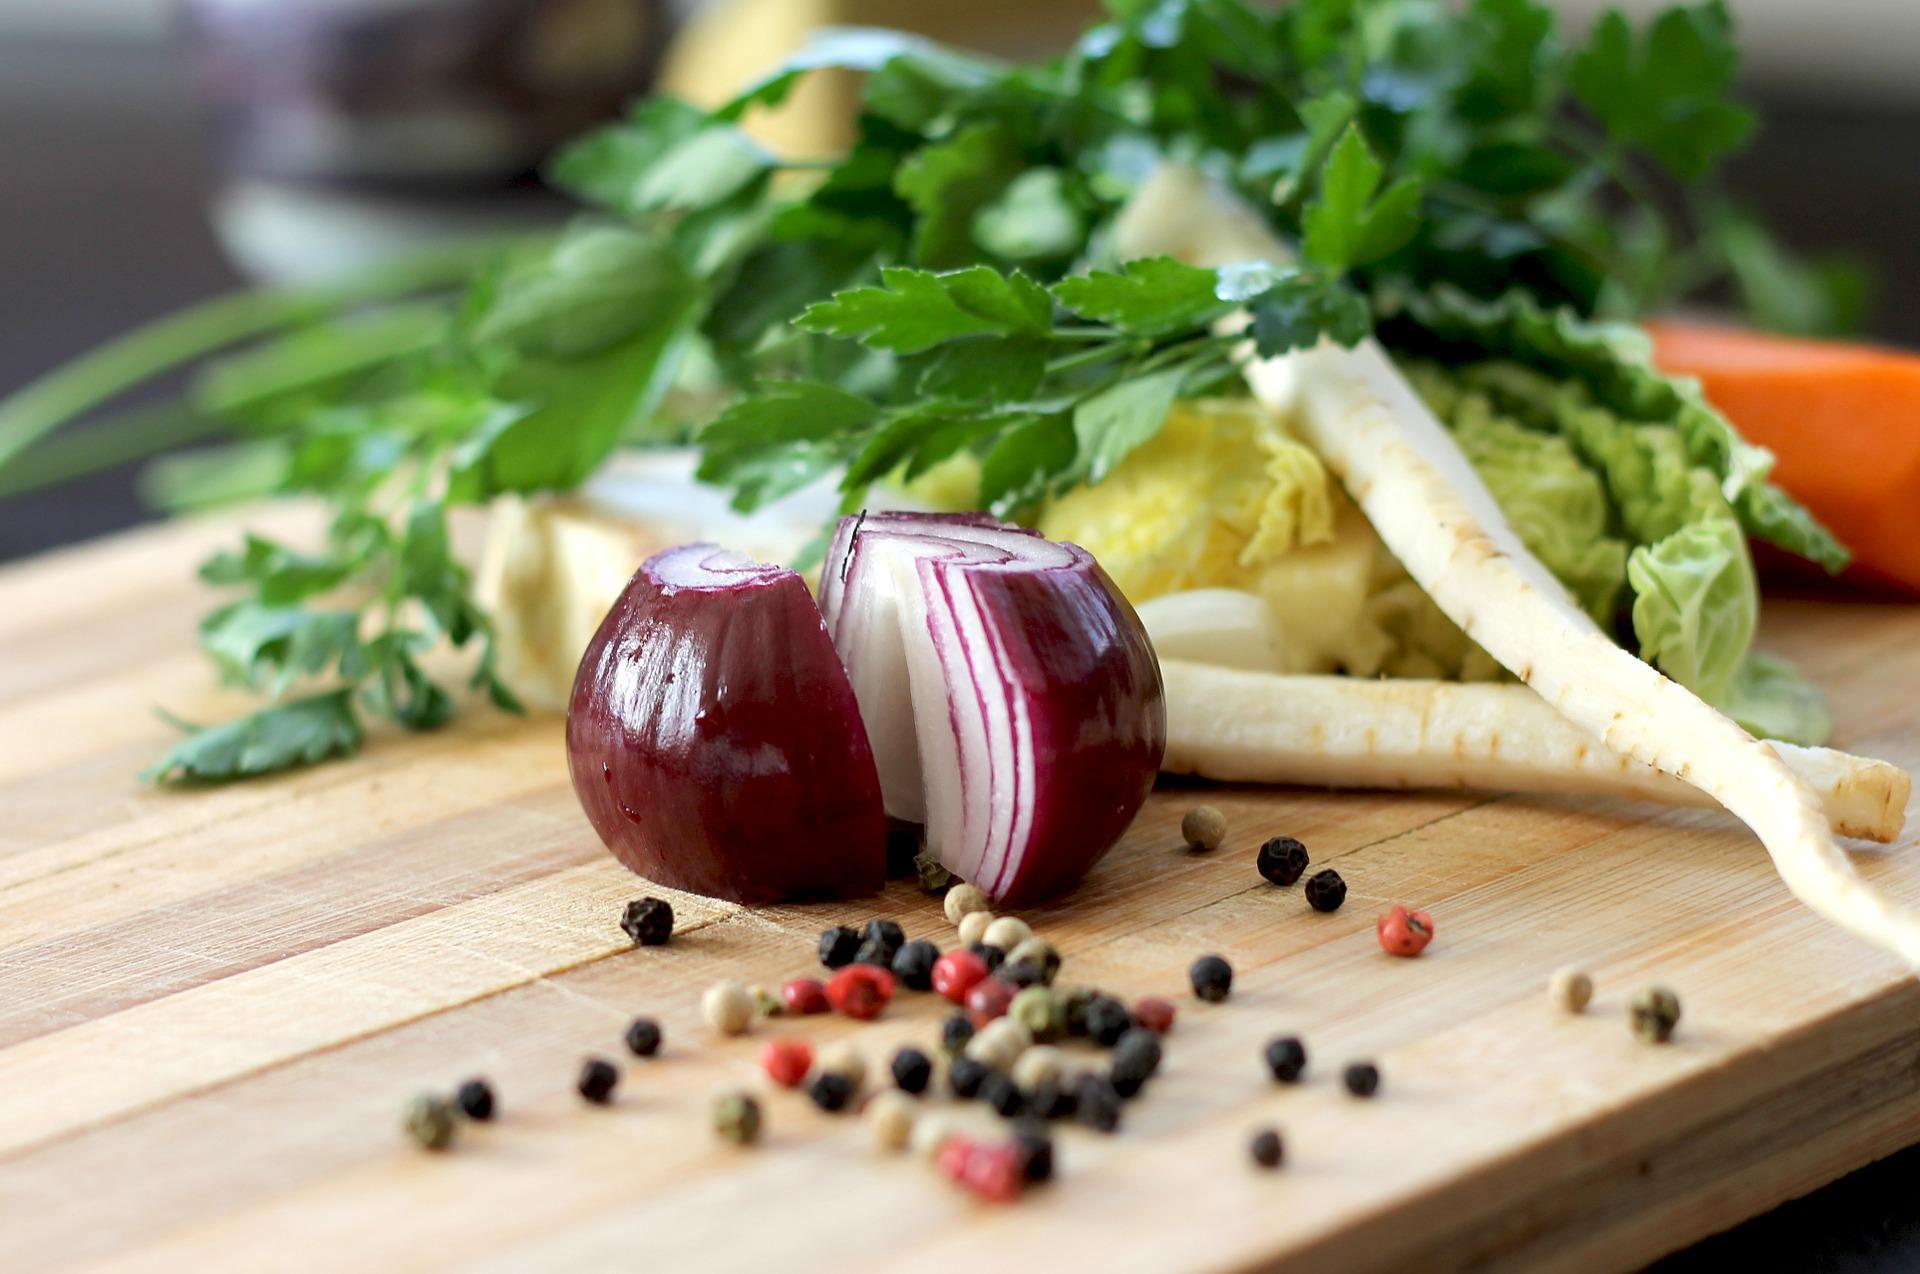 Dlaczego płaczemy podczas krojenia cebuli?